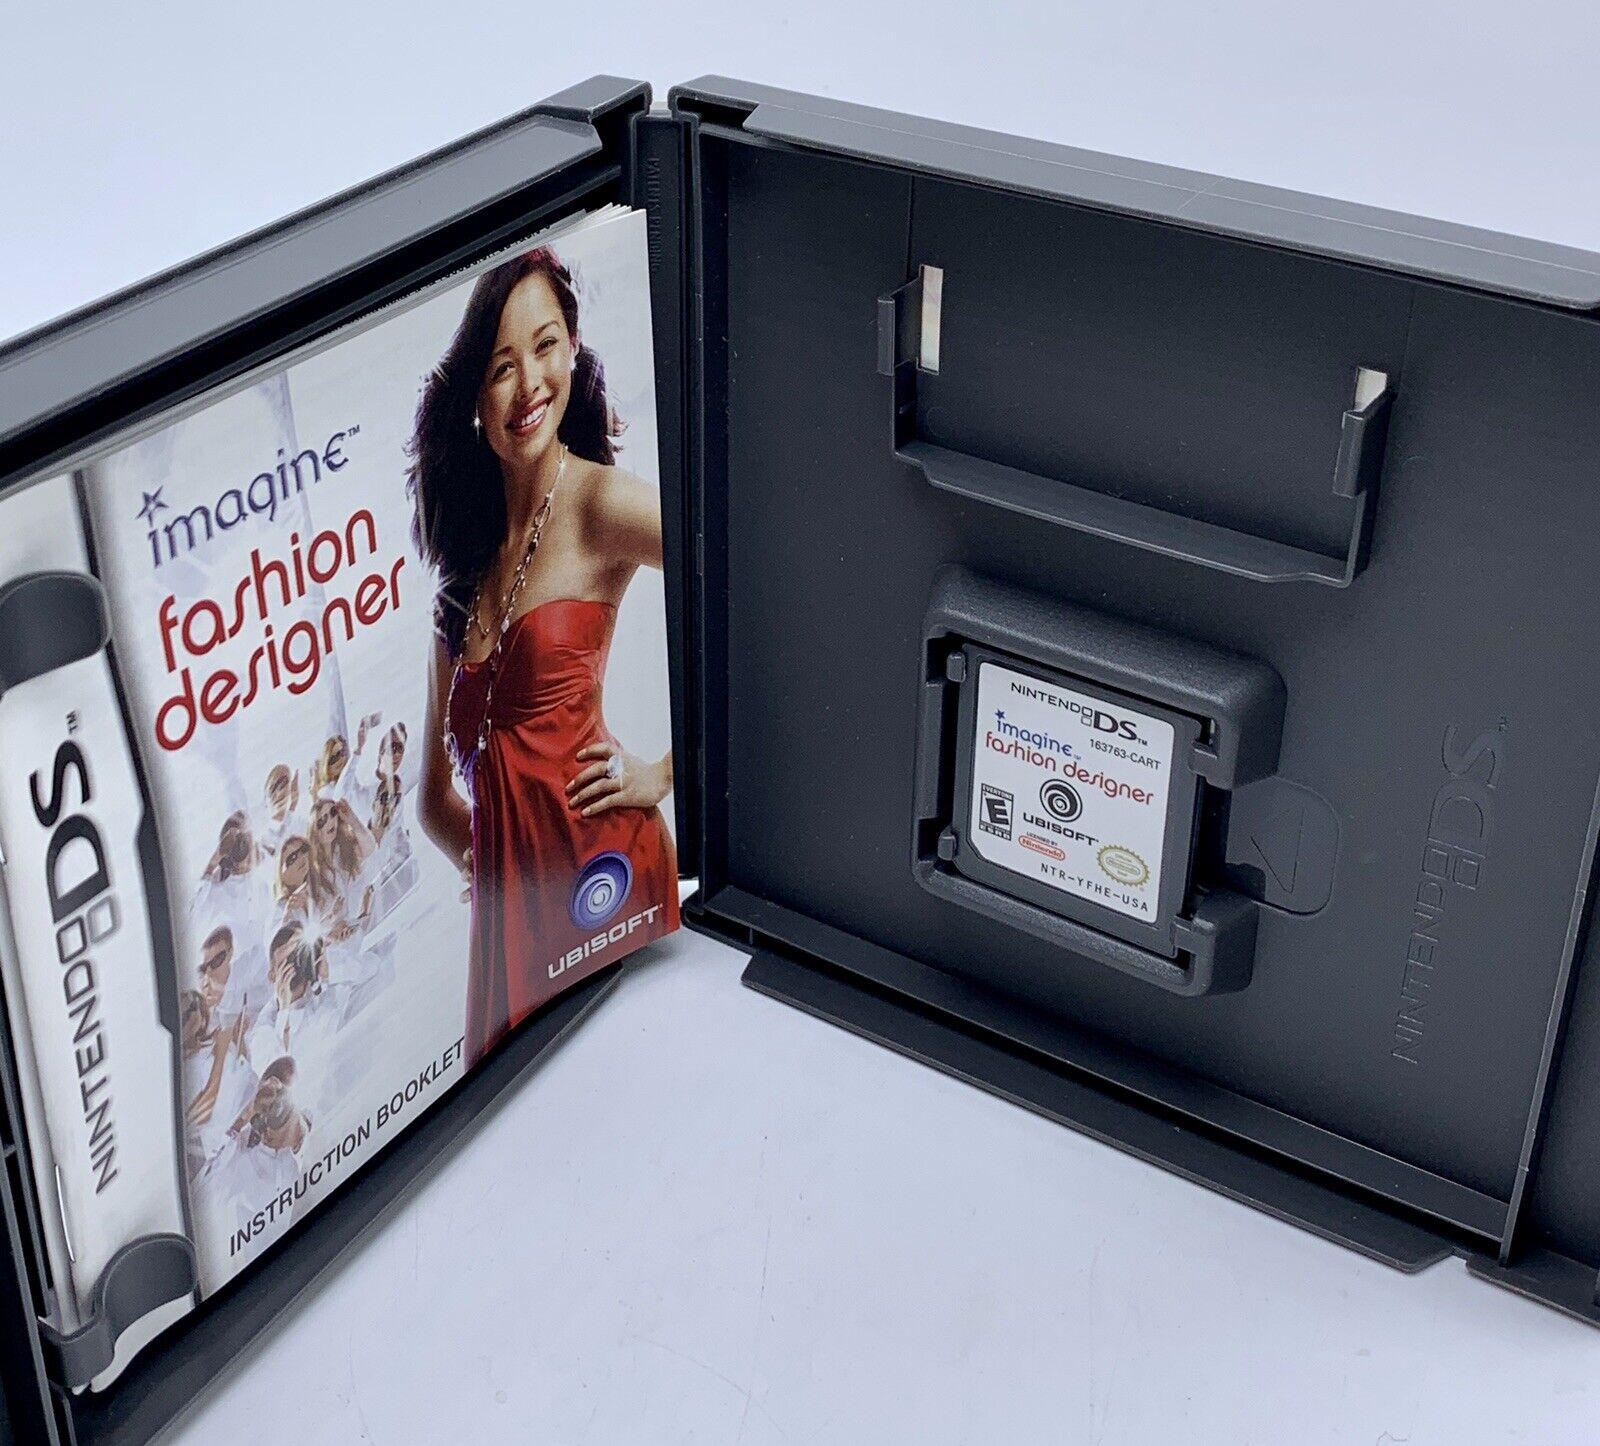 Imagine Fashion Designer I 3 Strategy For Nintendo Ds Dsi 3ds For Sale Online Ebay